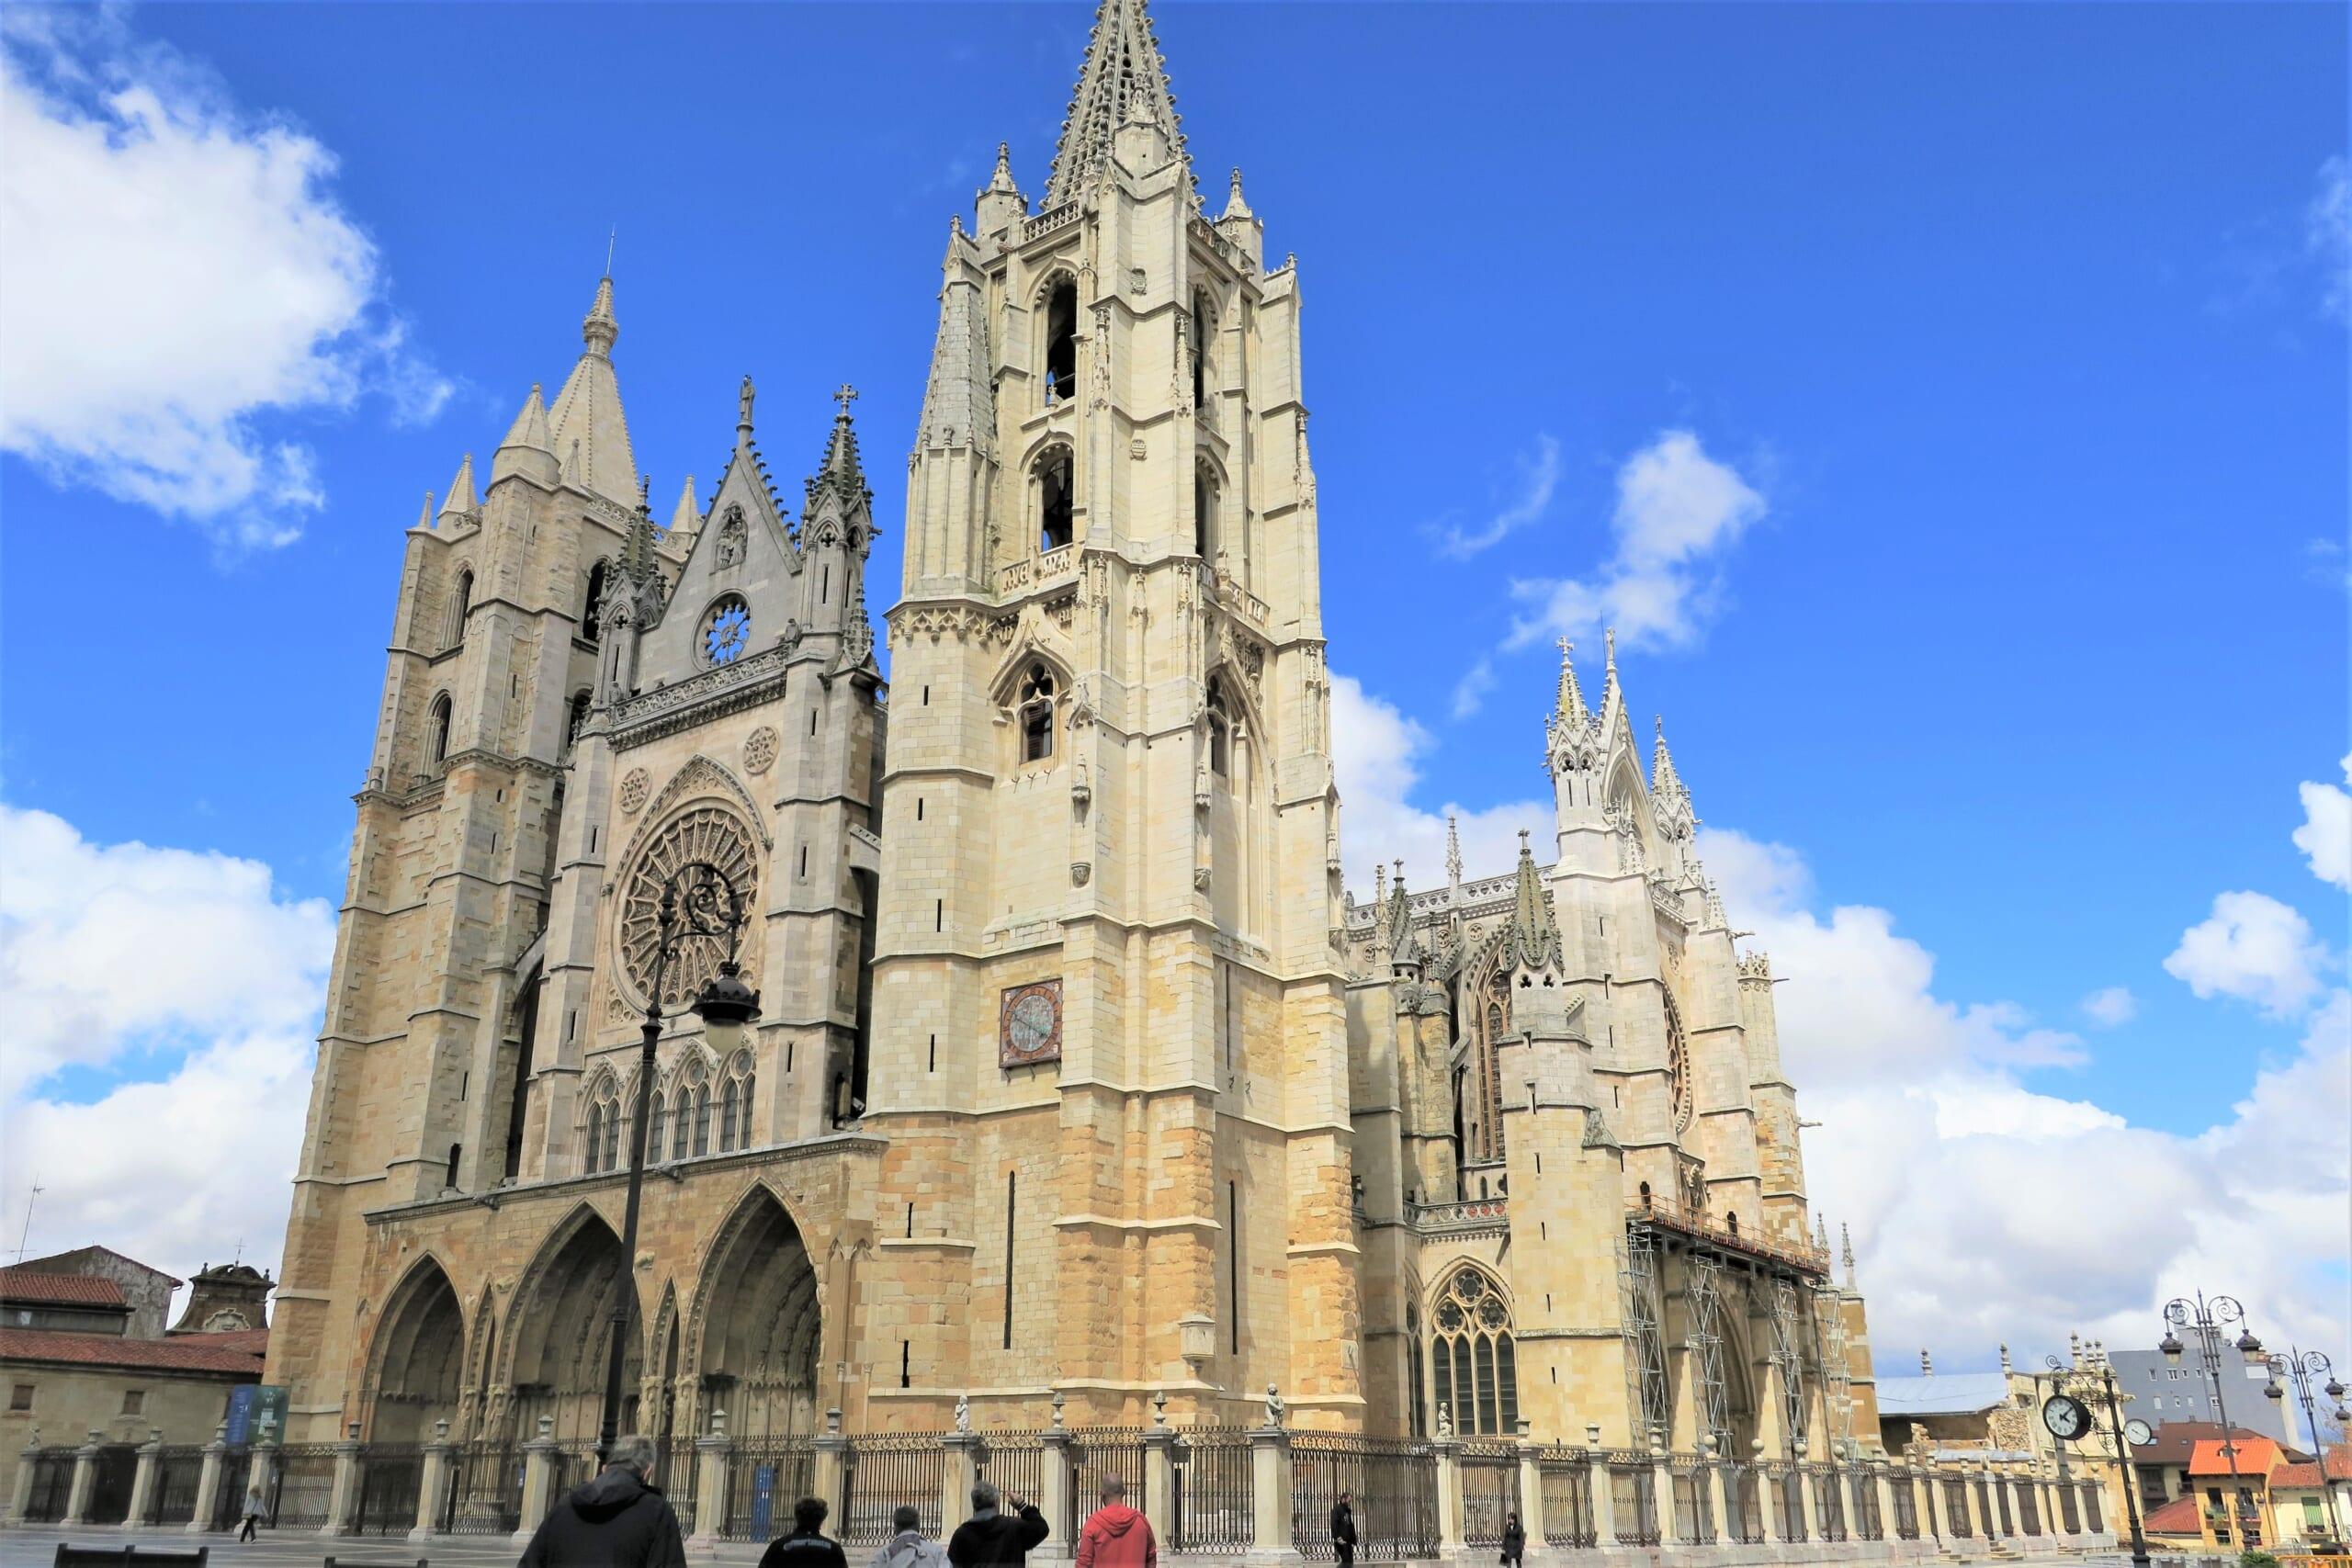 北スペインのサンティアゴ巡礼路の経由地であるレオン大聖堂